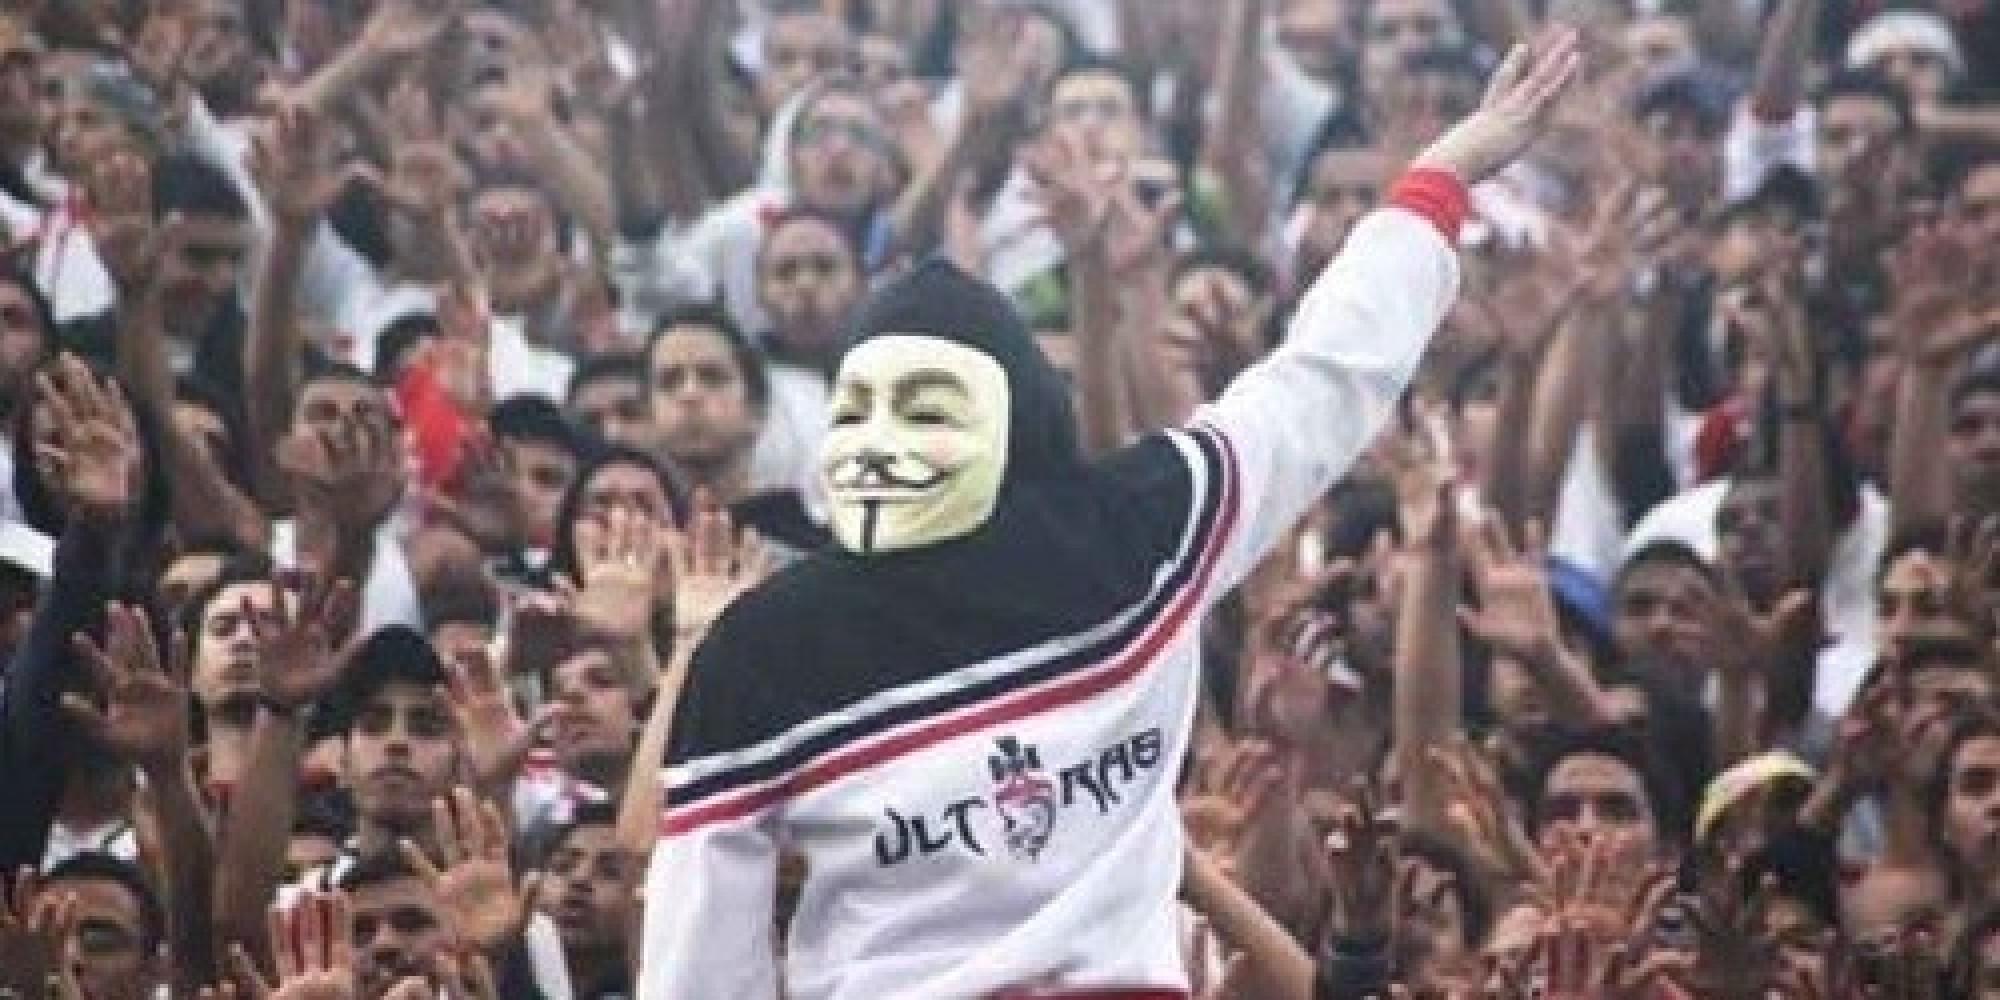 الحرية للألتراس.. الحرية لمصر بدر الدين عطية